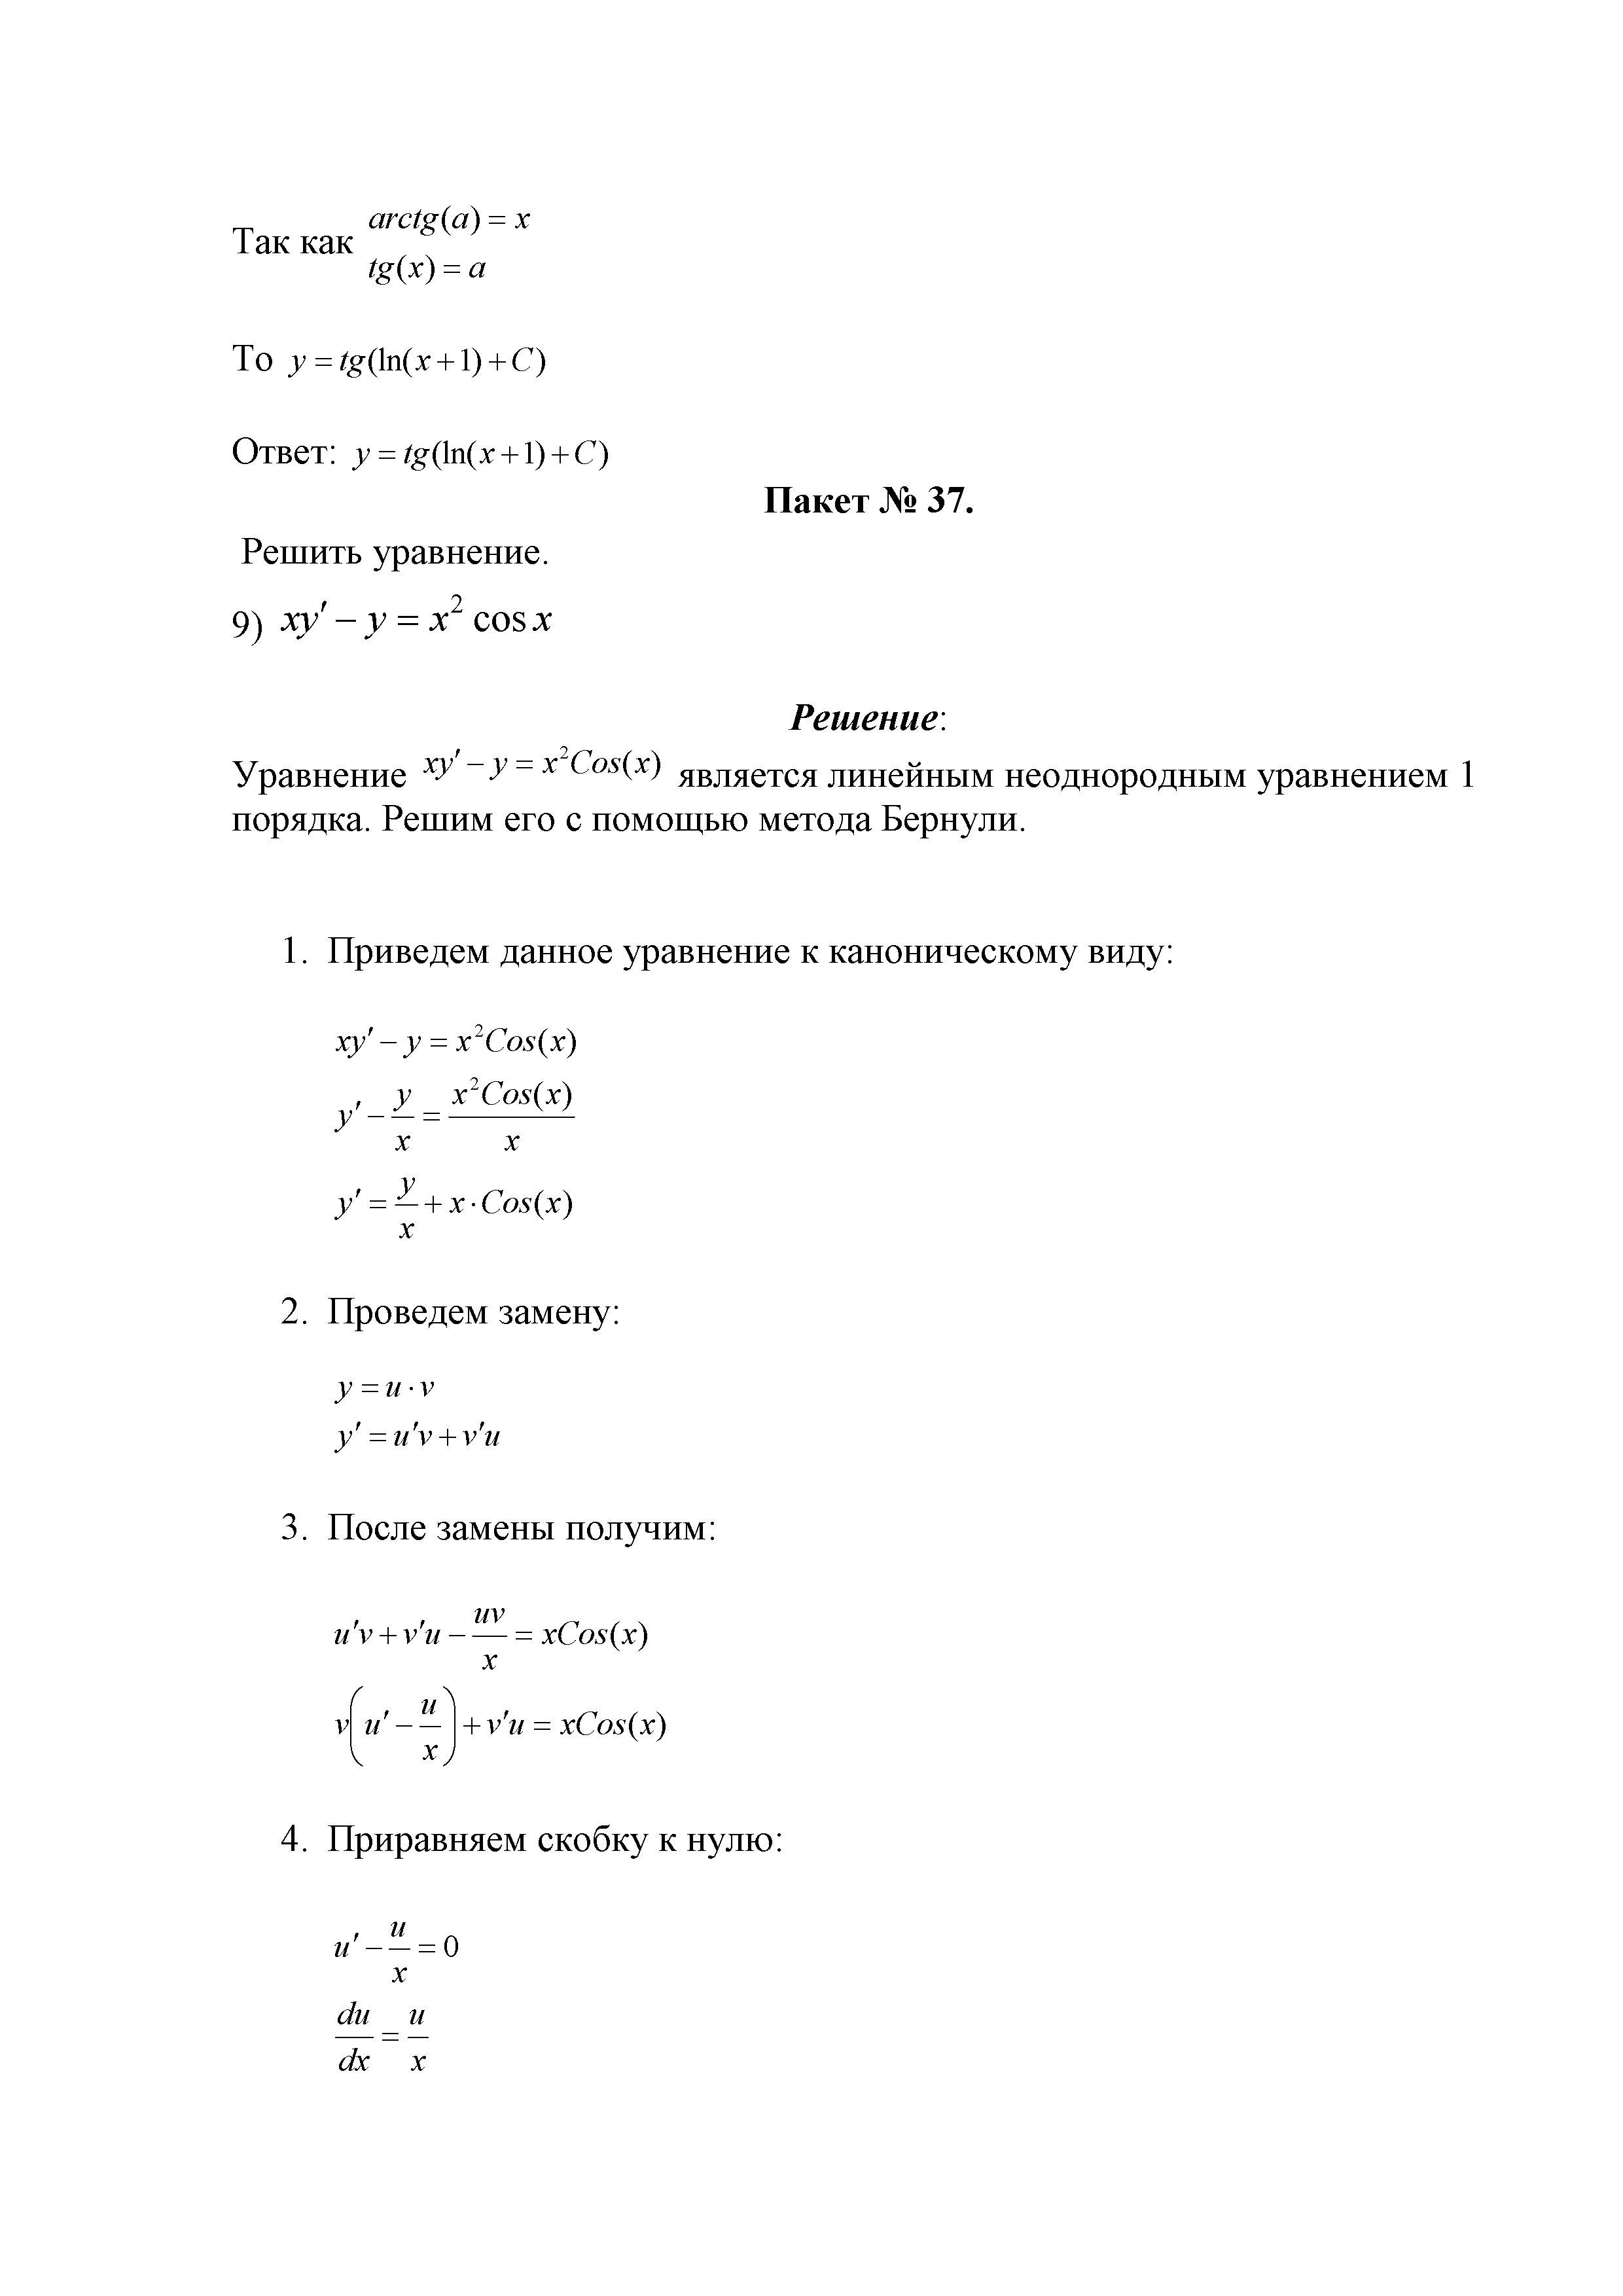 Решение задач по математике